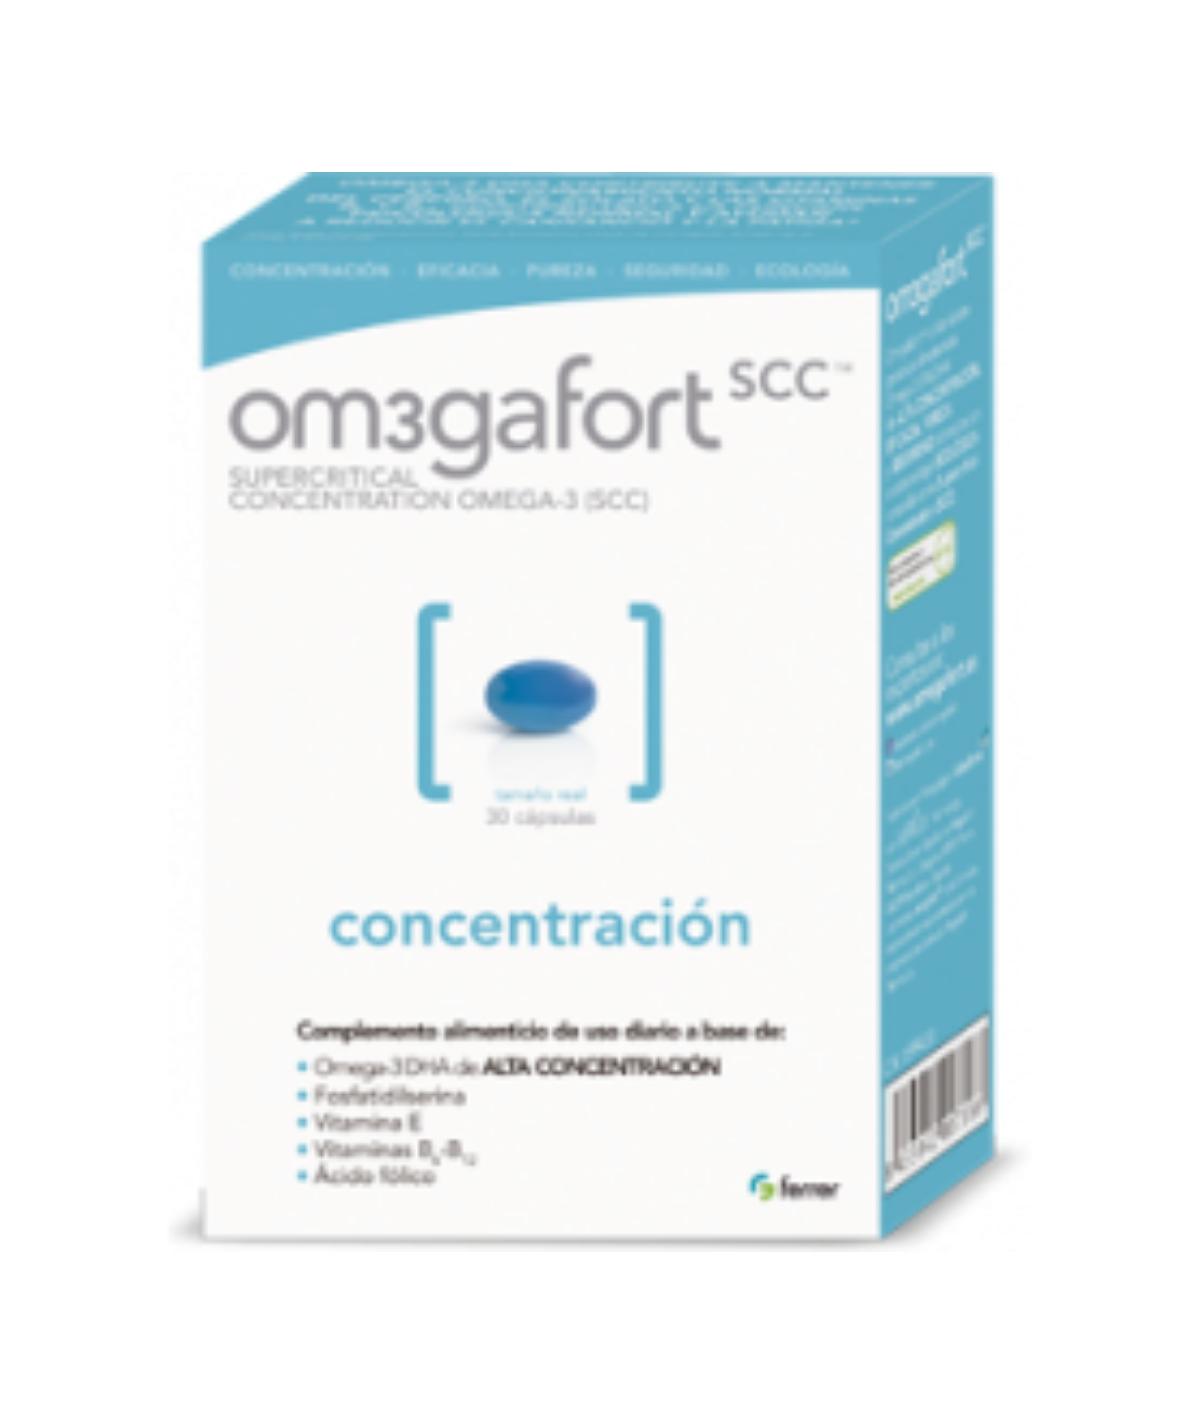 OM3GAFORT CONCENTRACION 30 CAPS